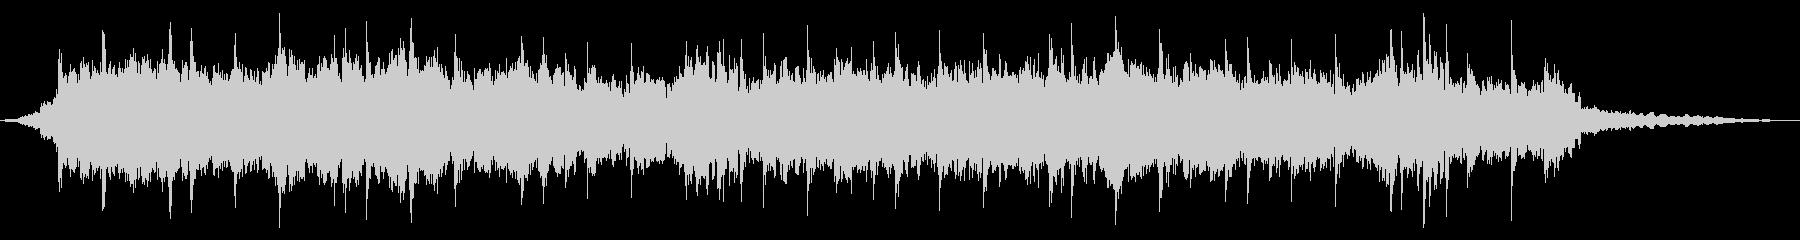 ドリームスケープオペレーターの未再生の波形